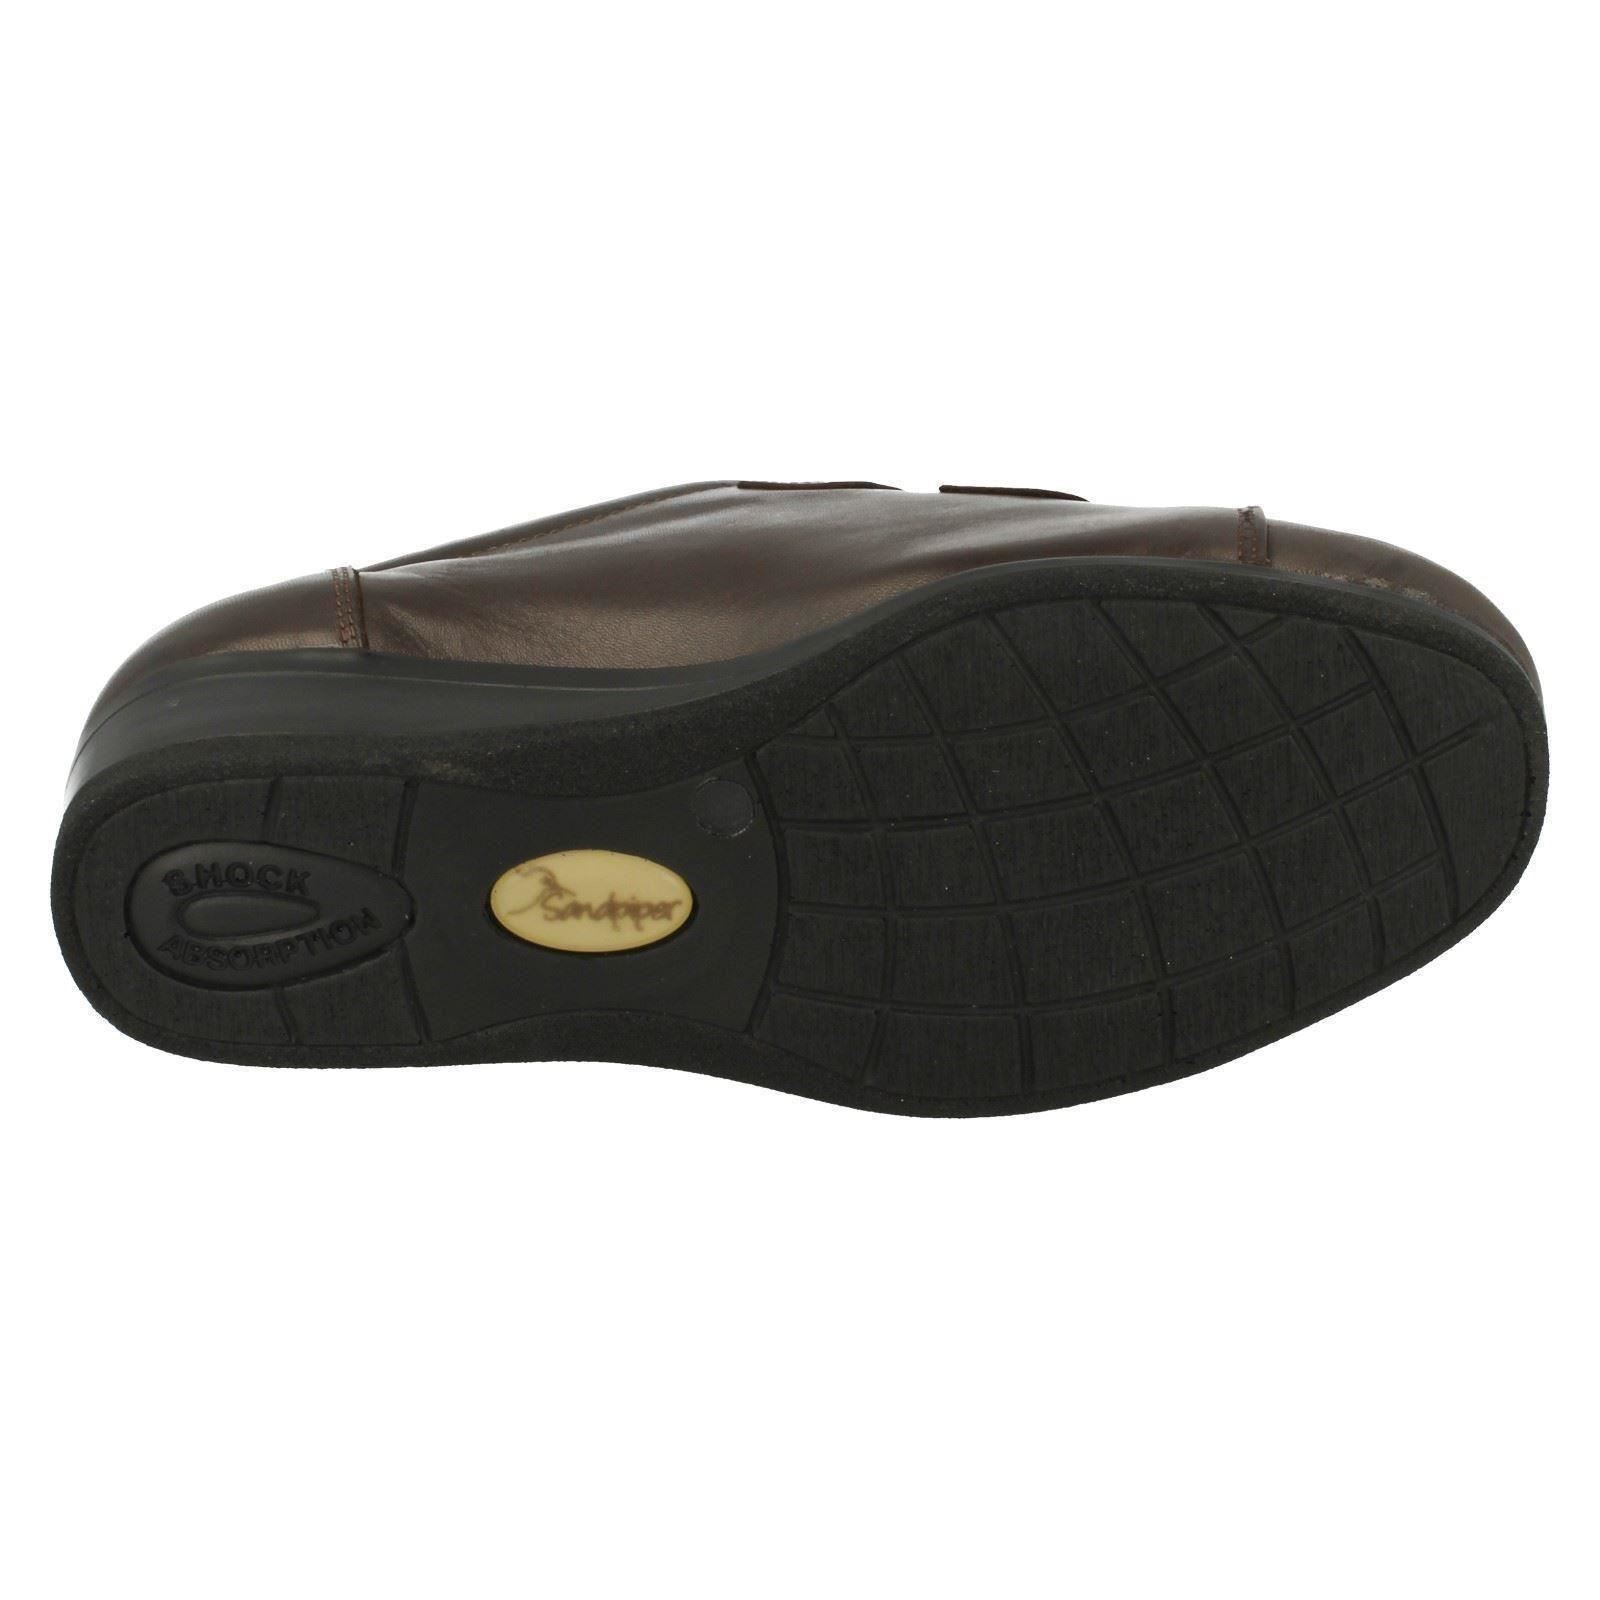 41 A 6.5 /& 8 Bécasseau Arten Femmes À Enfiler Beige//écorce Chaussures en Cuir UK5